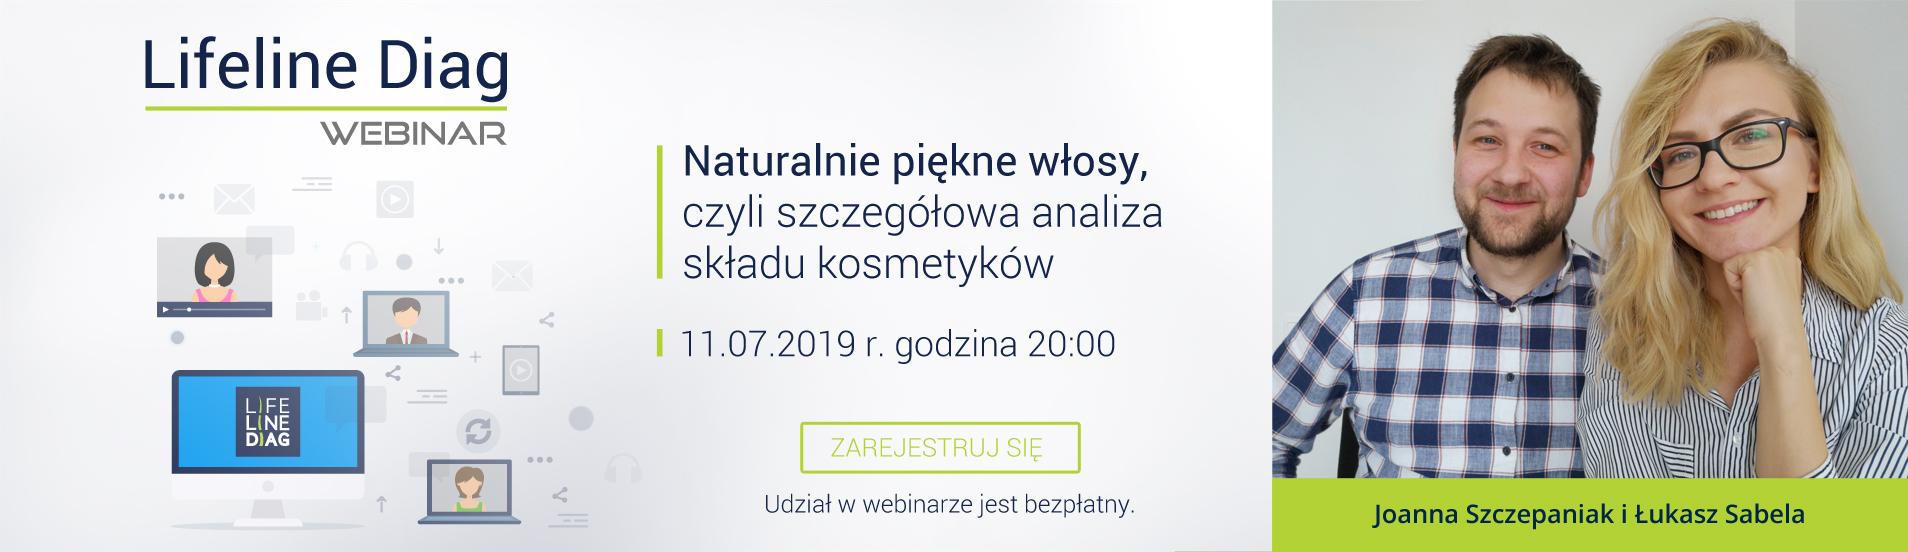 webinar 11.07.2019